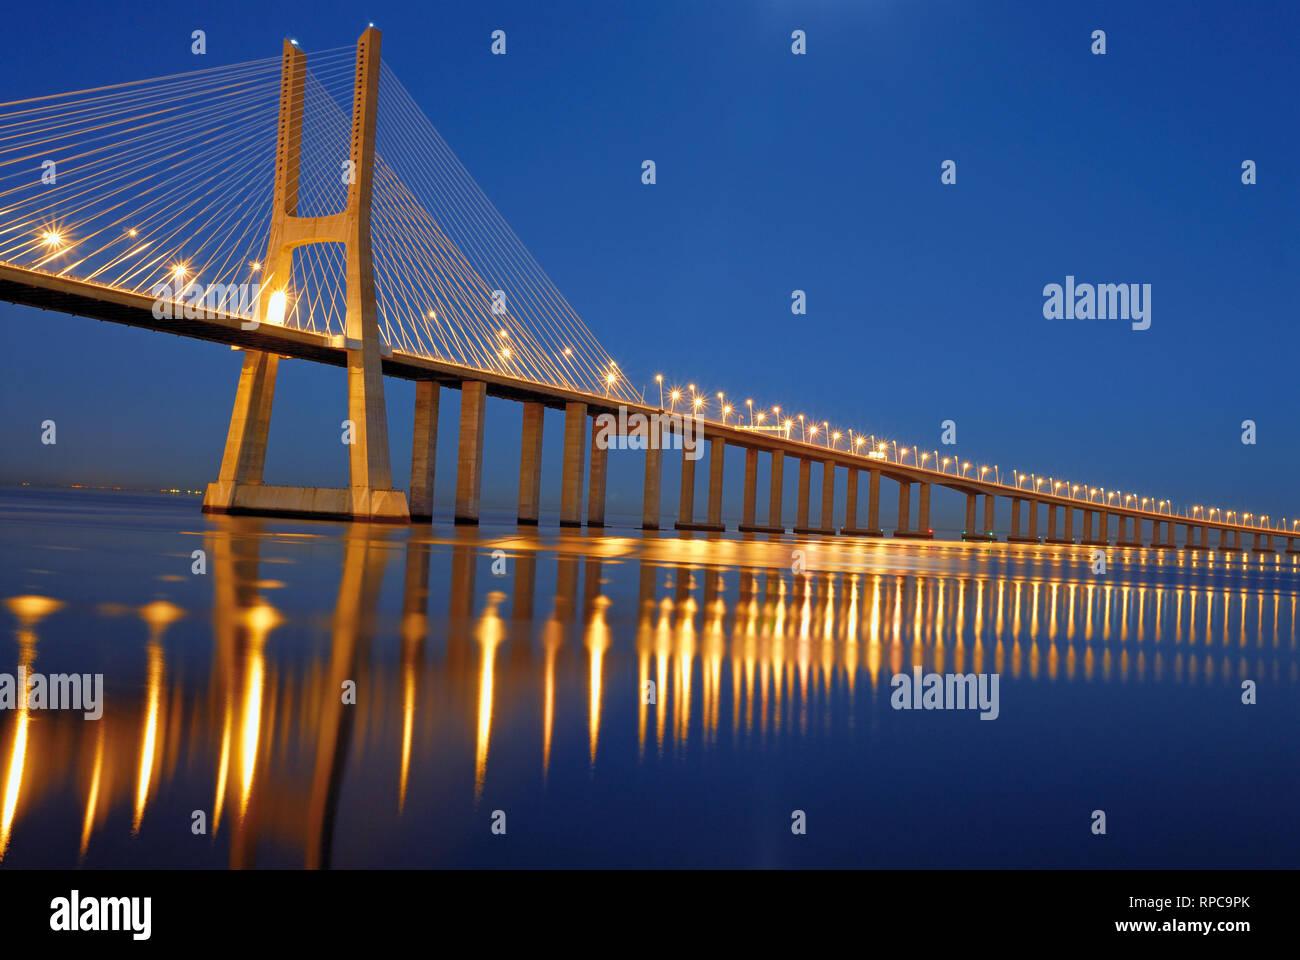 Elegante steel Bridge bei Nacht vorbei an Kilometer über große ruhige Fluss Wasser Stockfoto